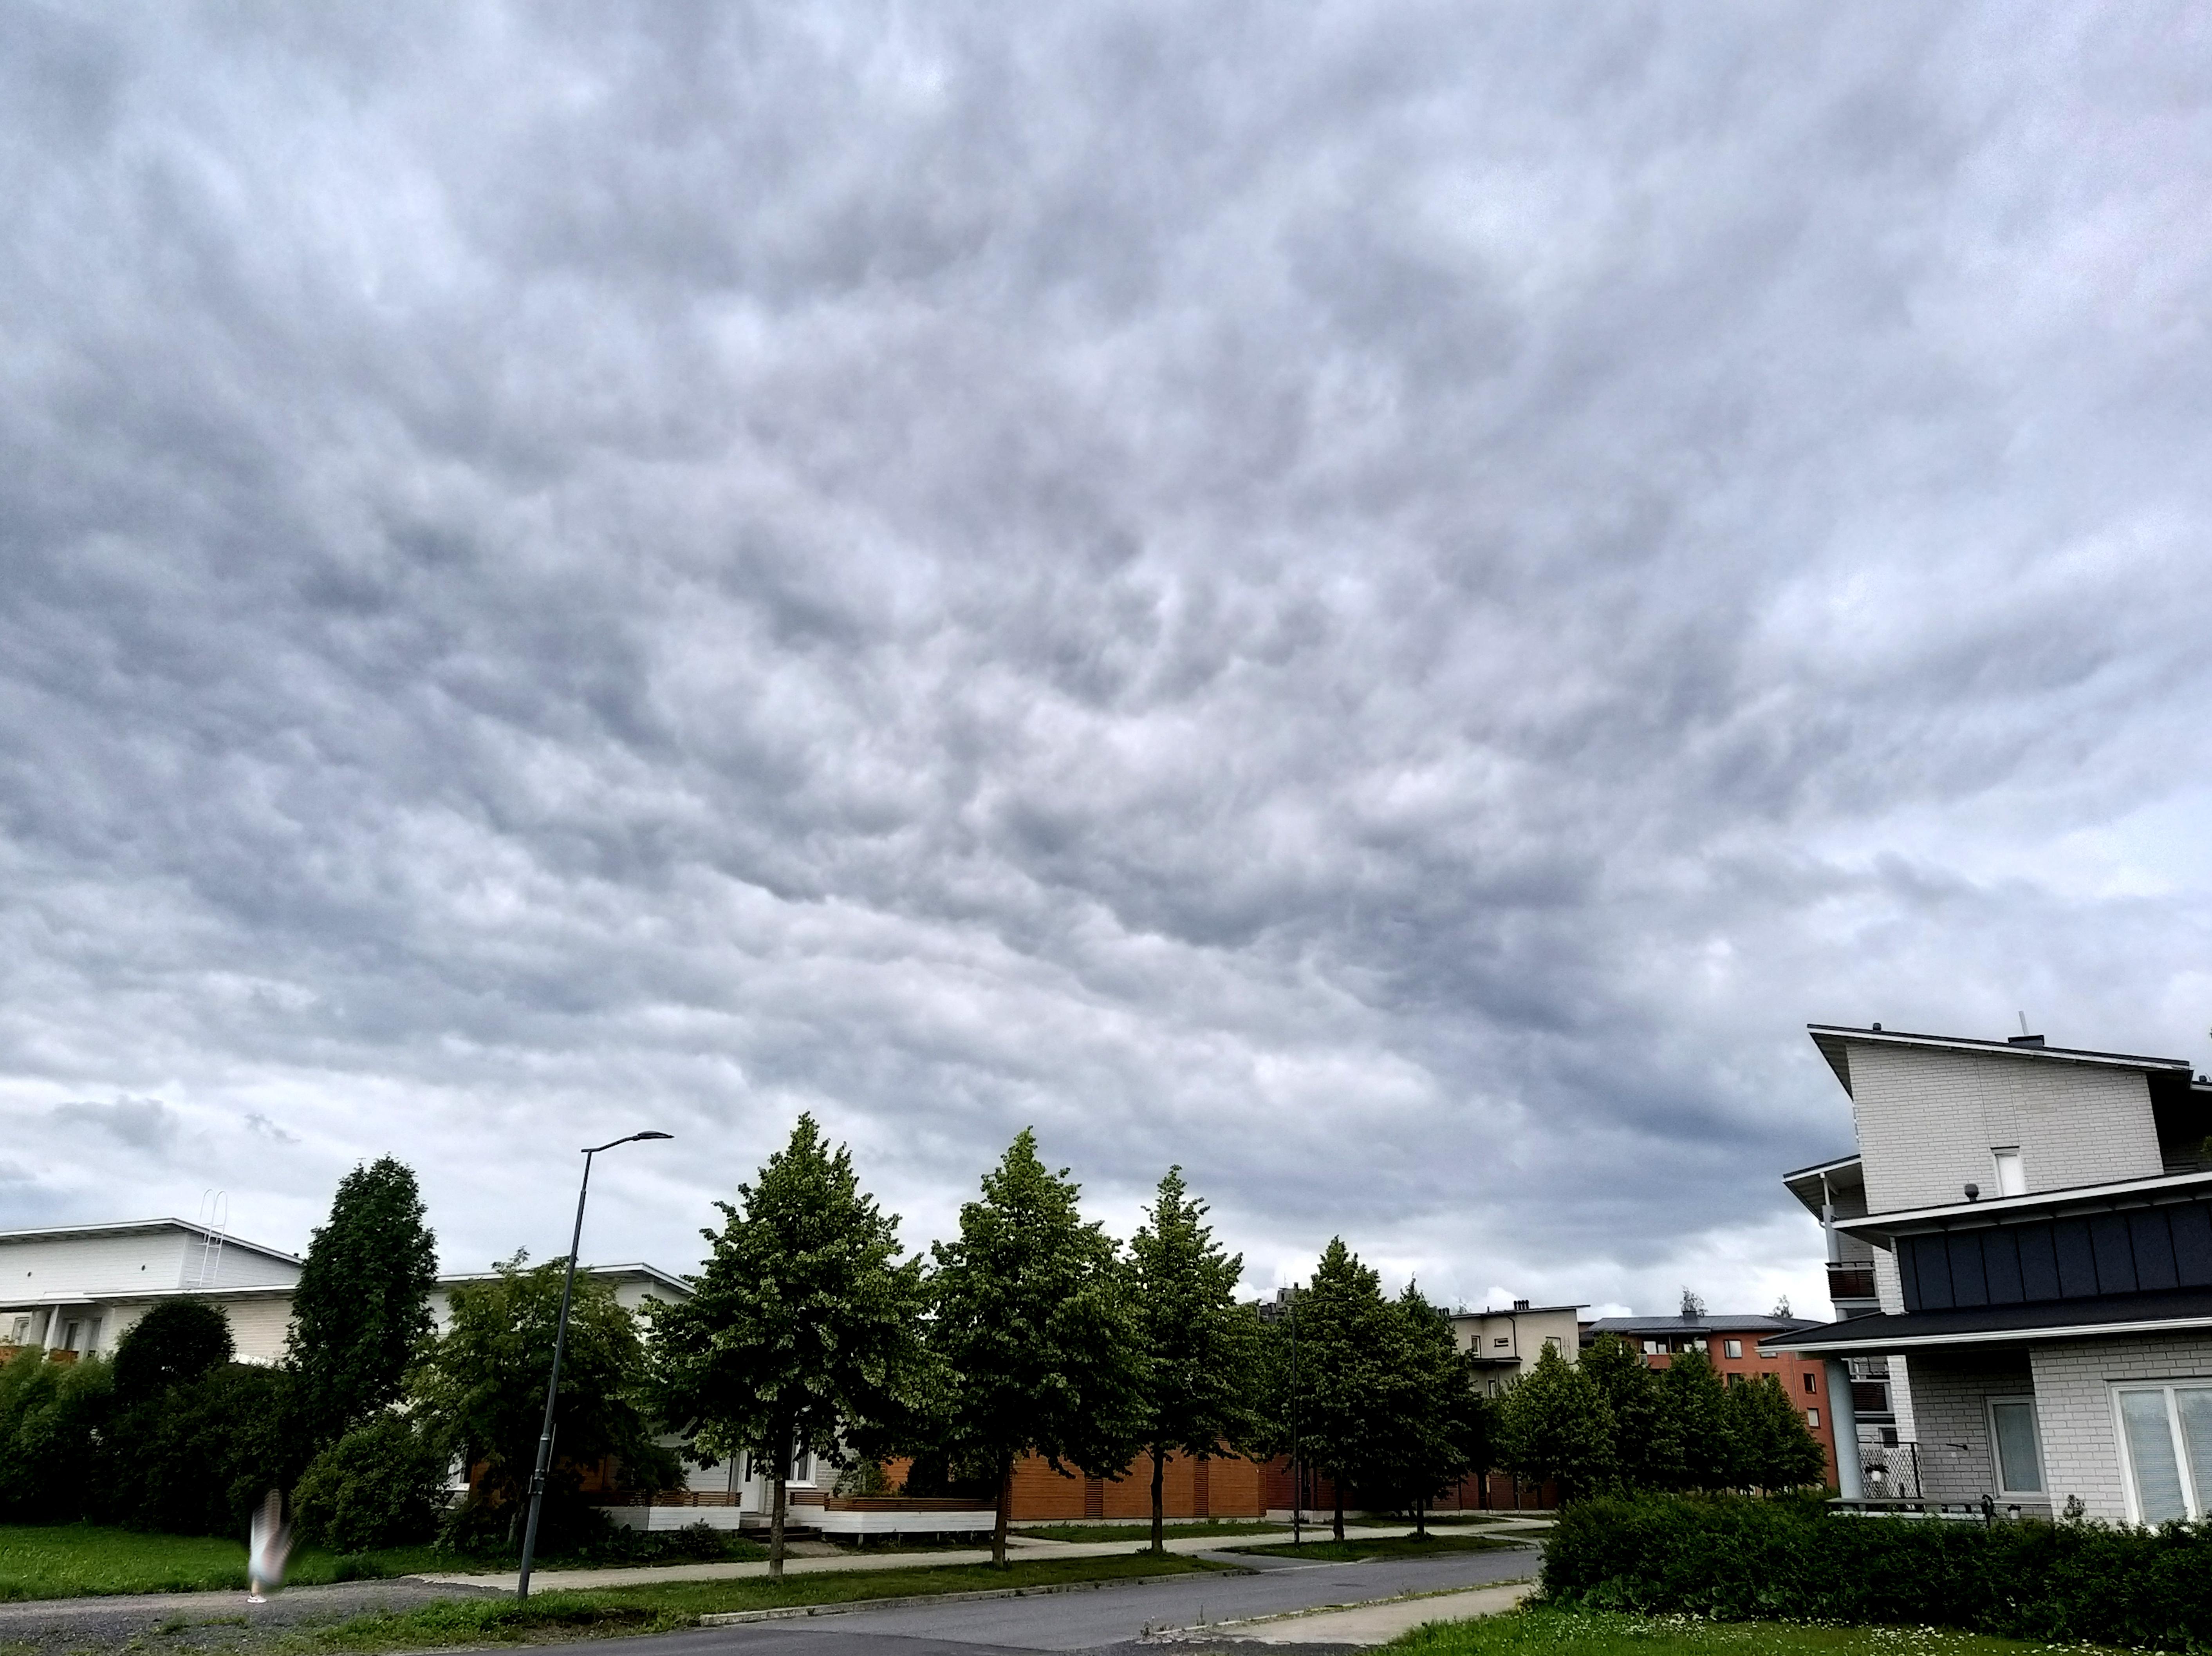 Tummia muhkurapilviä taivaan täydeltä. Alla katu, puita, taloja.